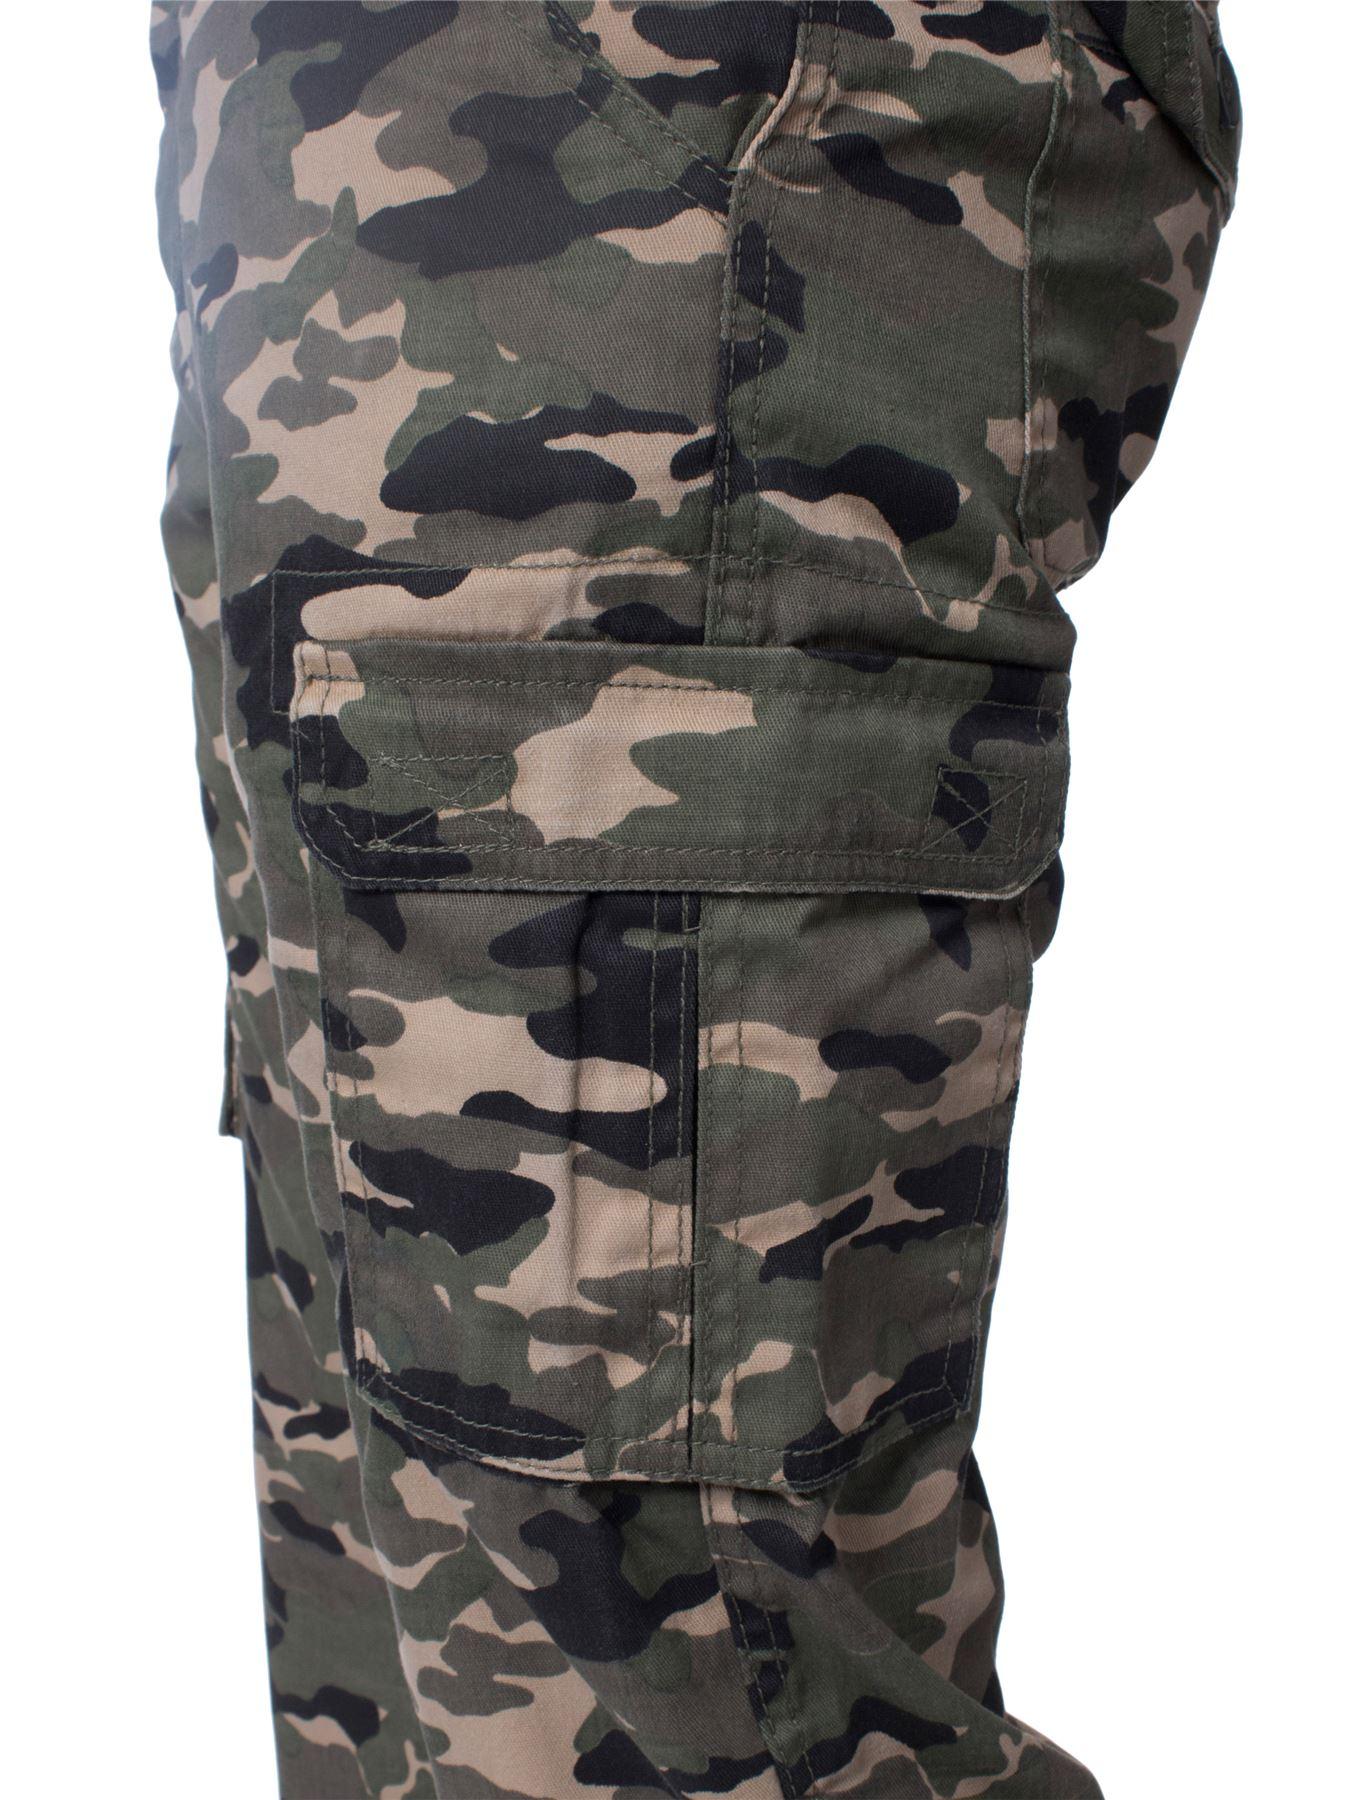 Kruze-Uomo-Militare-Pantaloni-Camouflage-Cargo-Mimetico-Casual-Lavoro miniatura 20